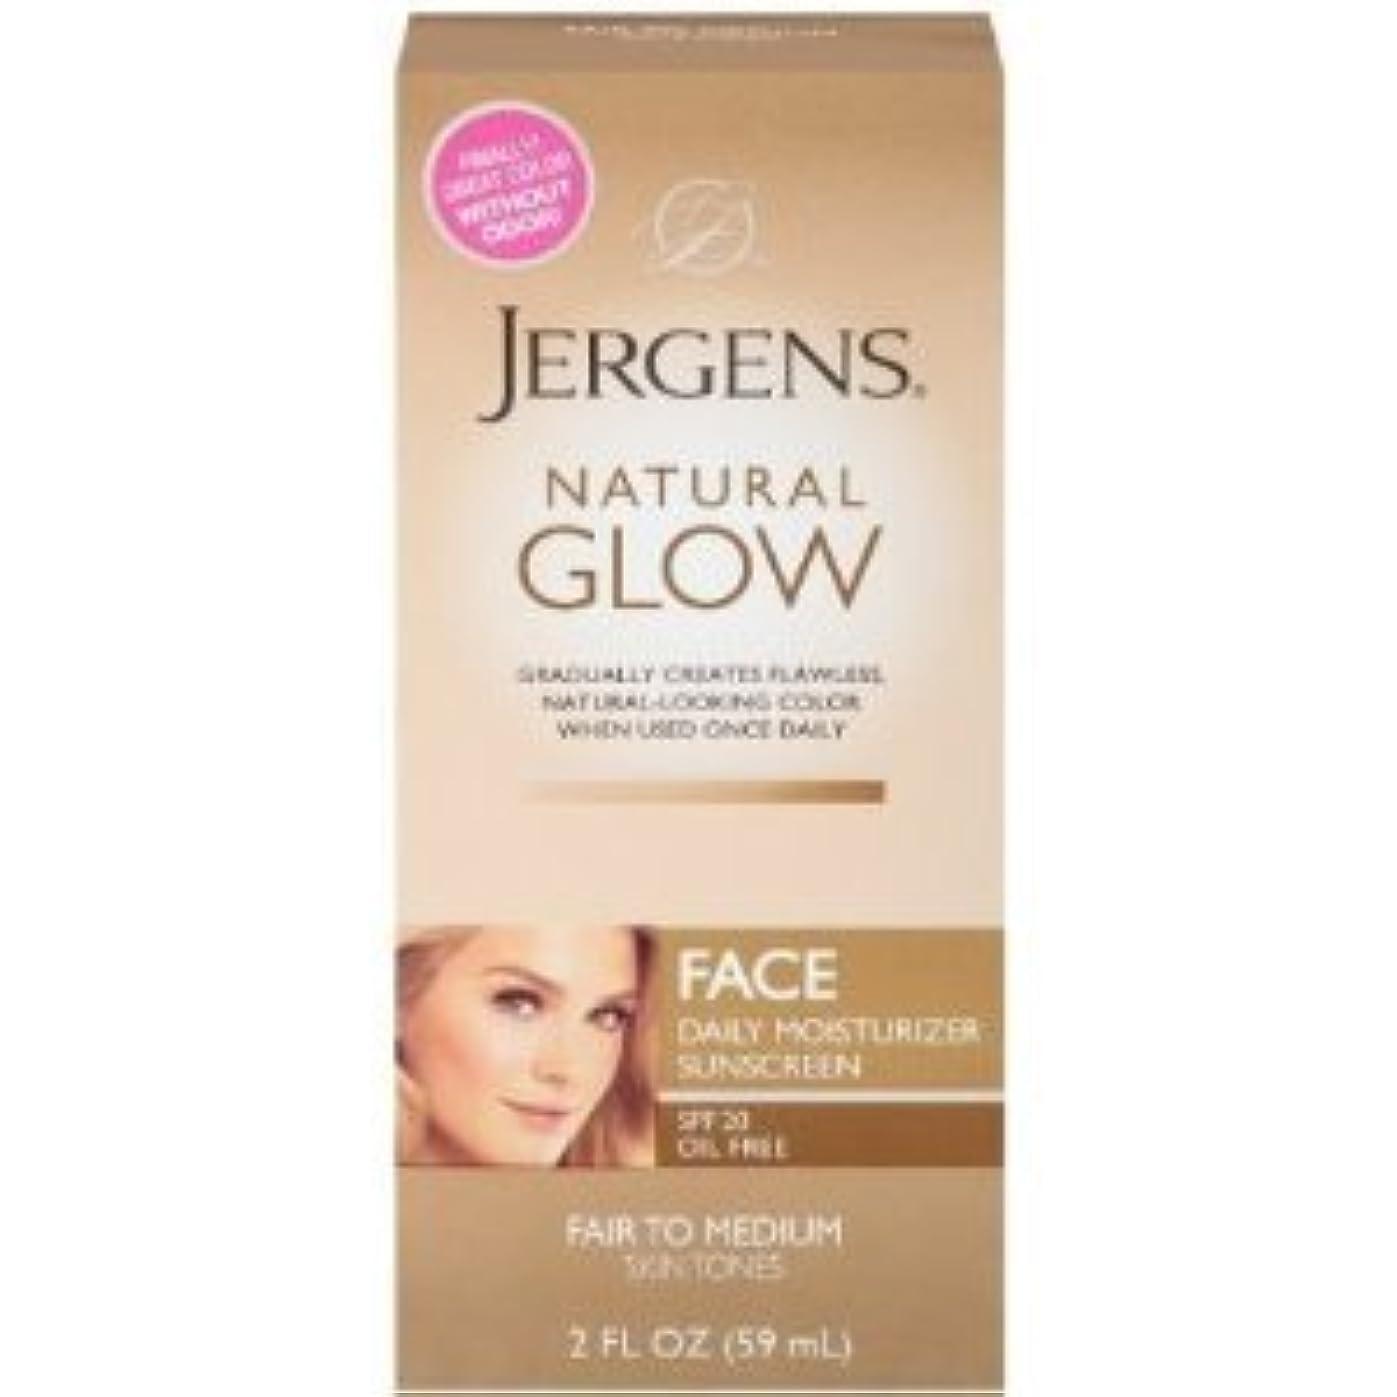 予防接種するエステート愚かなNatural Glow Healthy Complexion Daily Facial Moisturizer, SPF 20, Fair to Medium Tan, (59ml) (海外直送品)